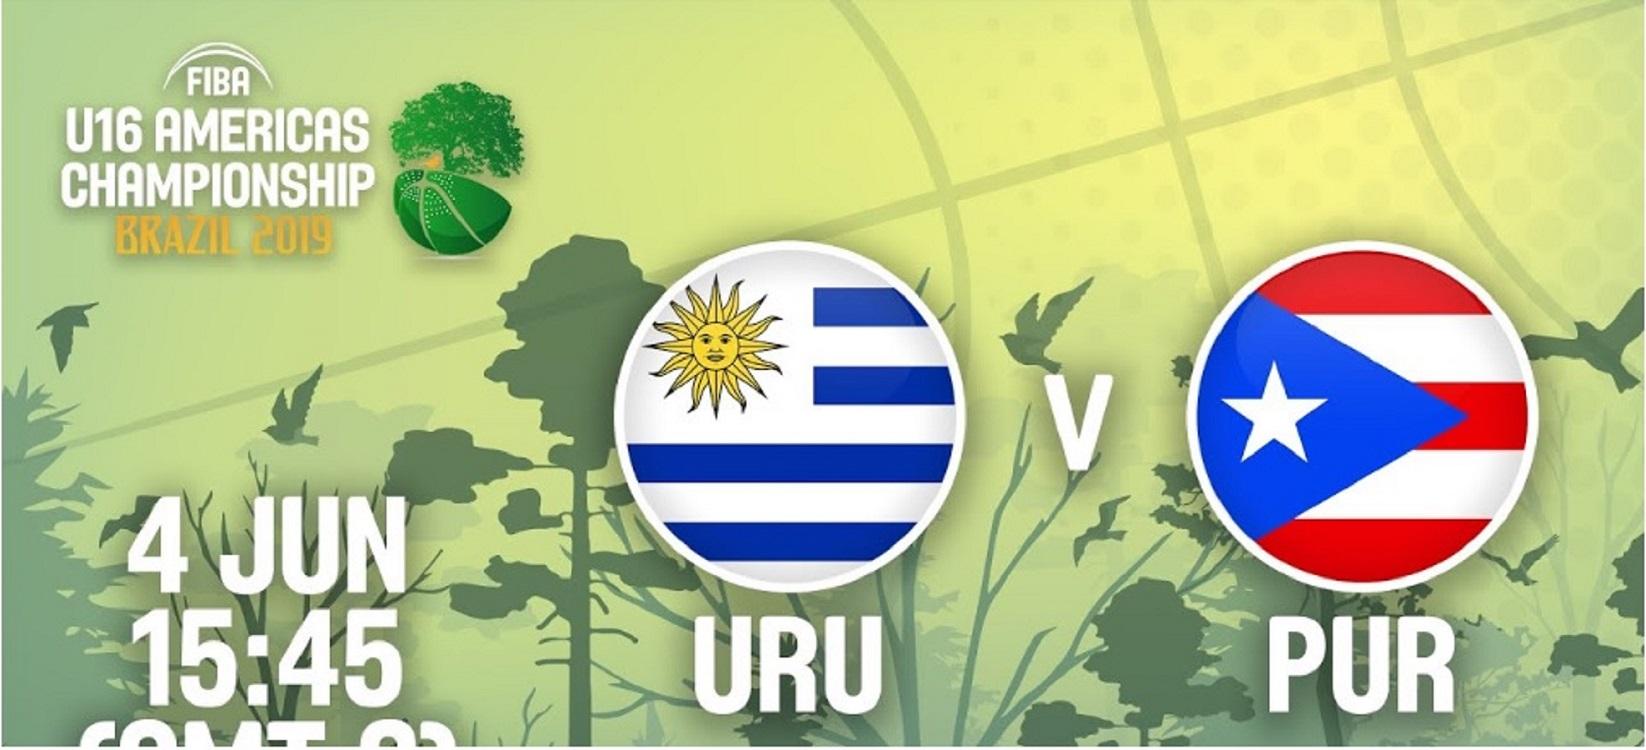 Uruguay Puerto Rico